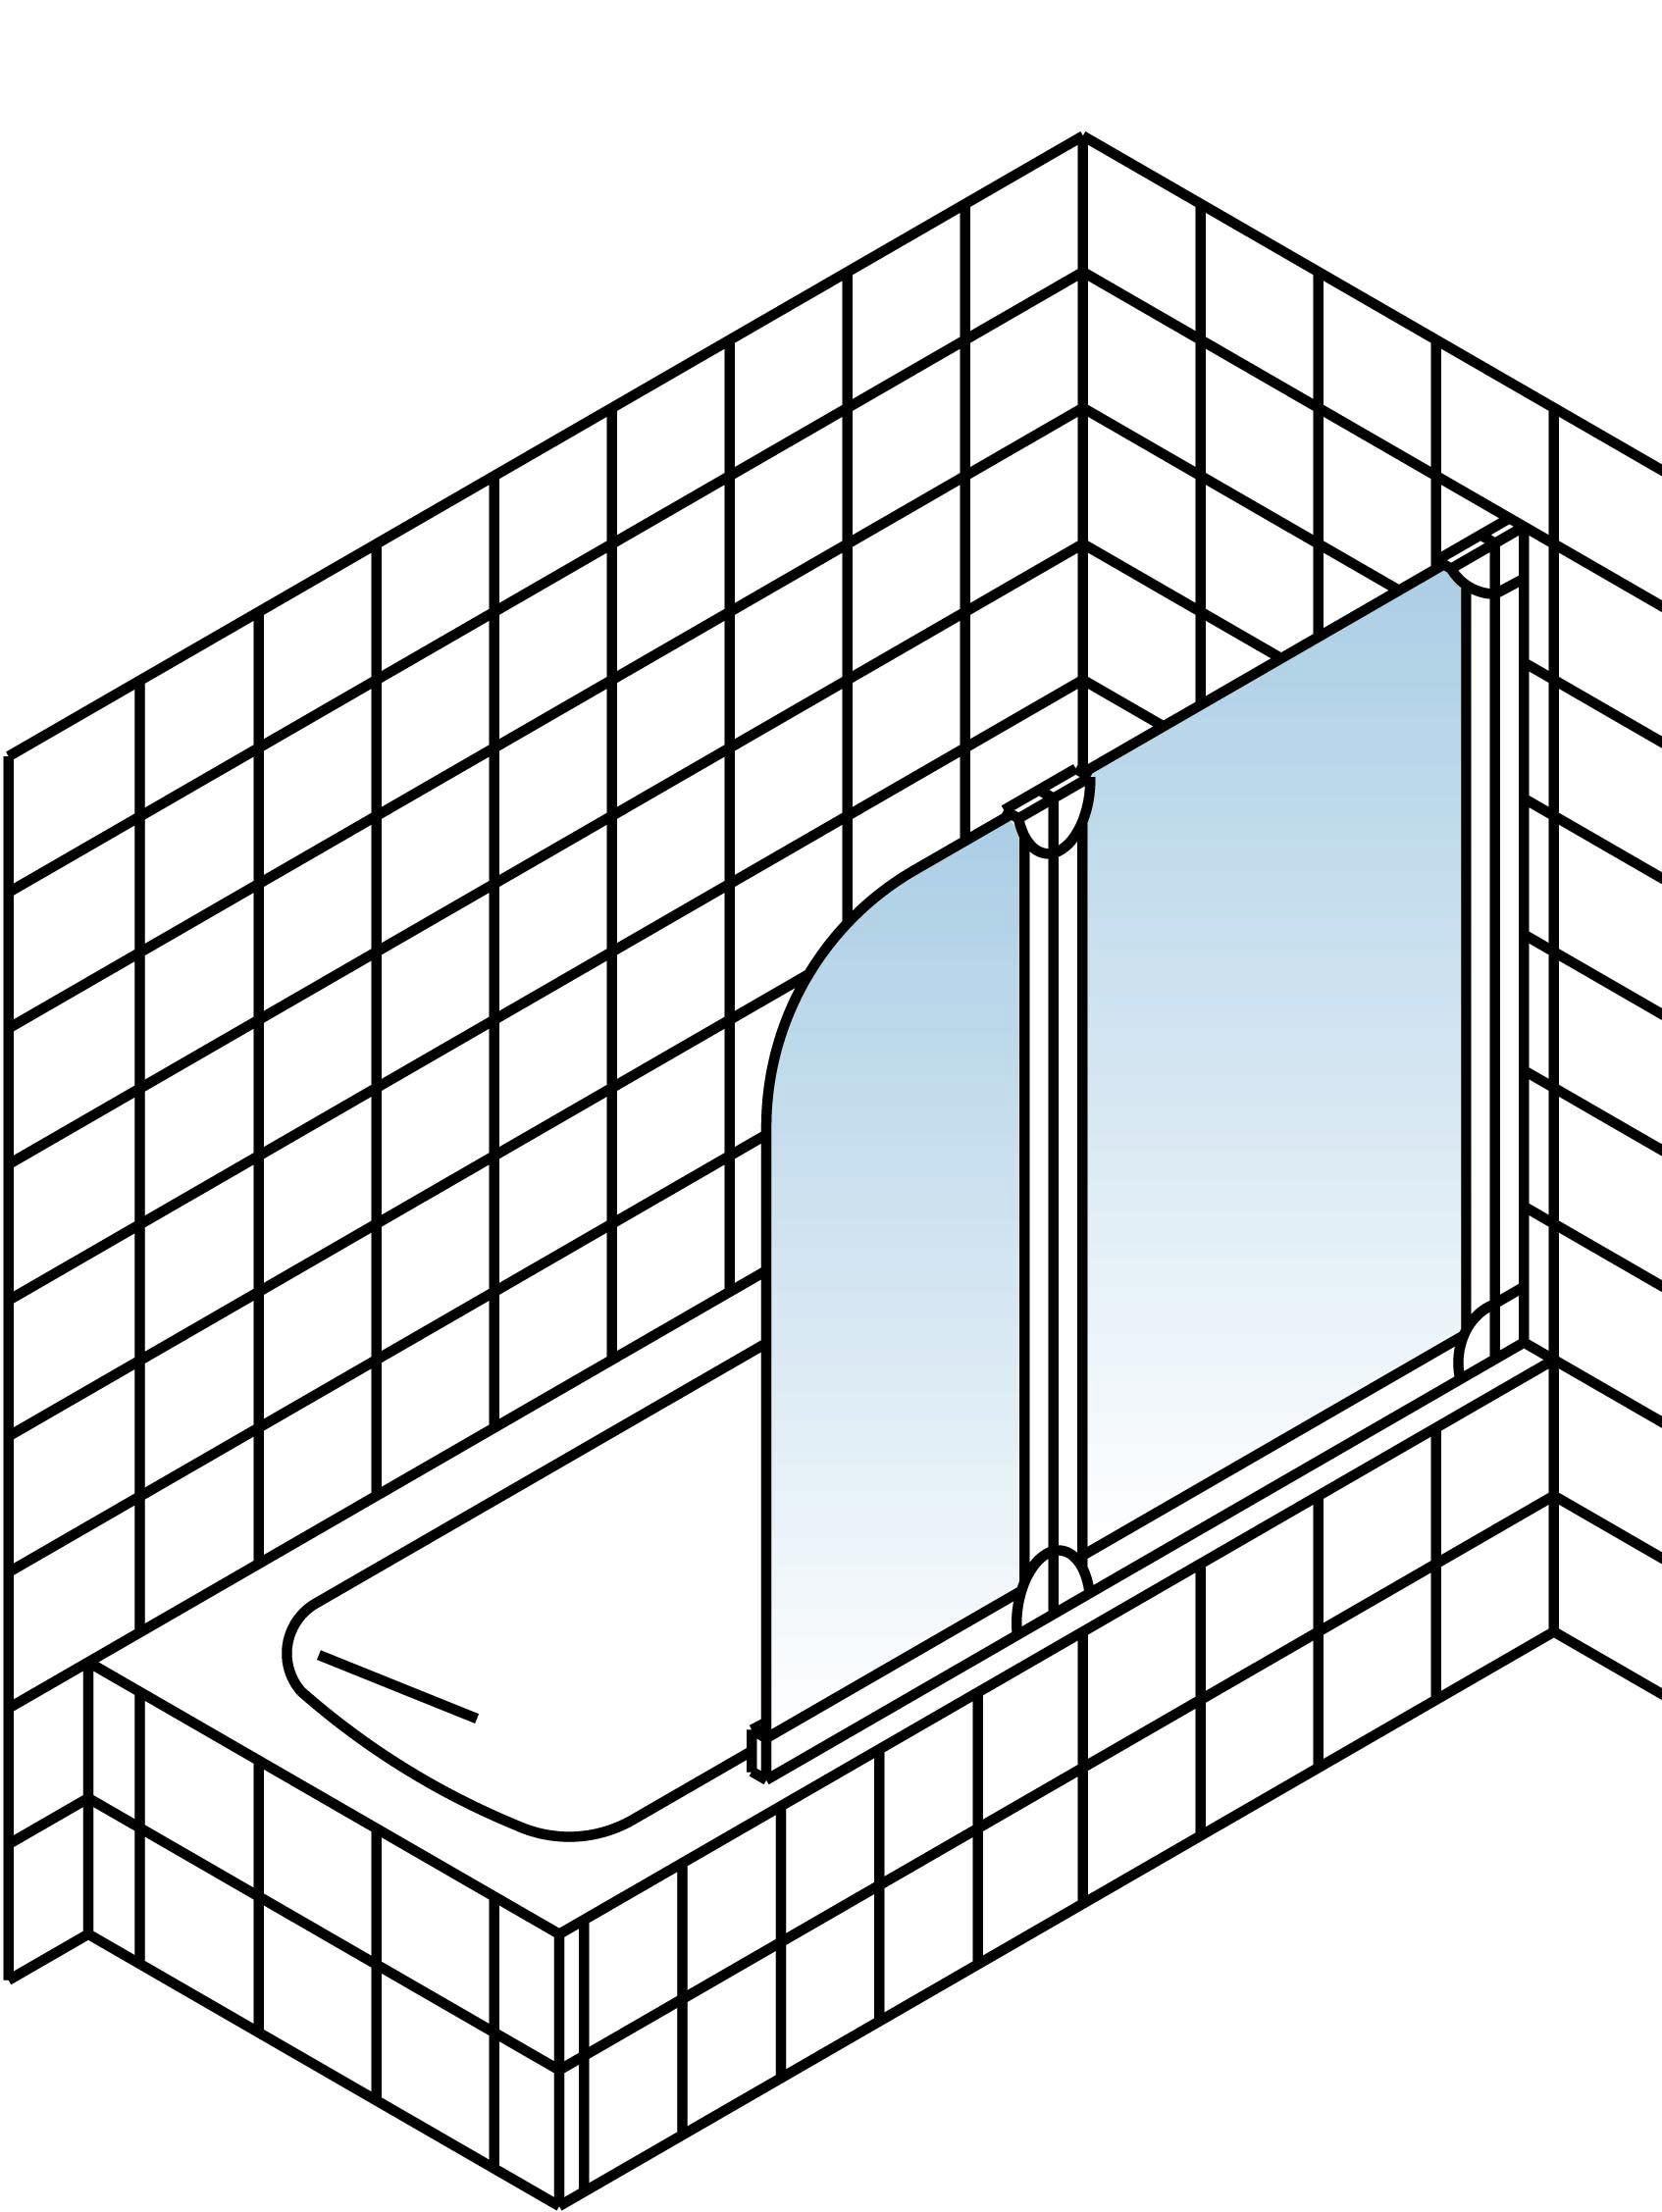 schulte komfort badewannenfaltwand 2 teilig querstreifen. Black Bedroom Furniture Sets. Home Design Ideas